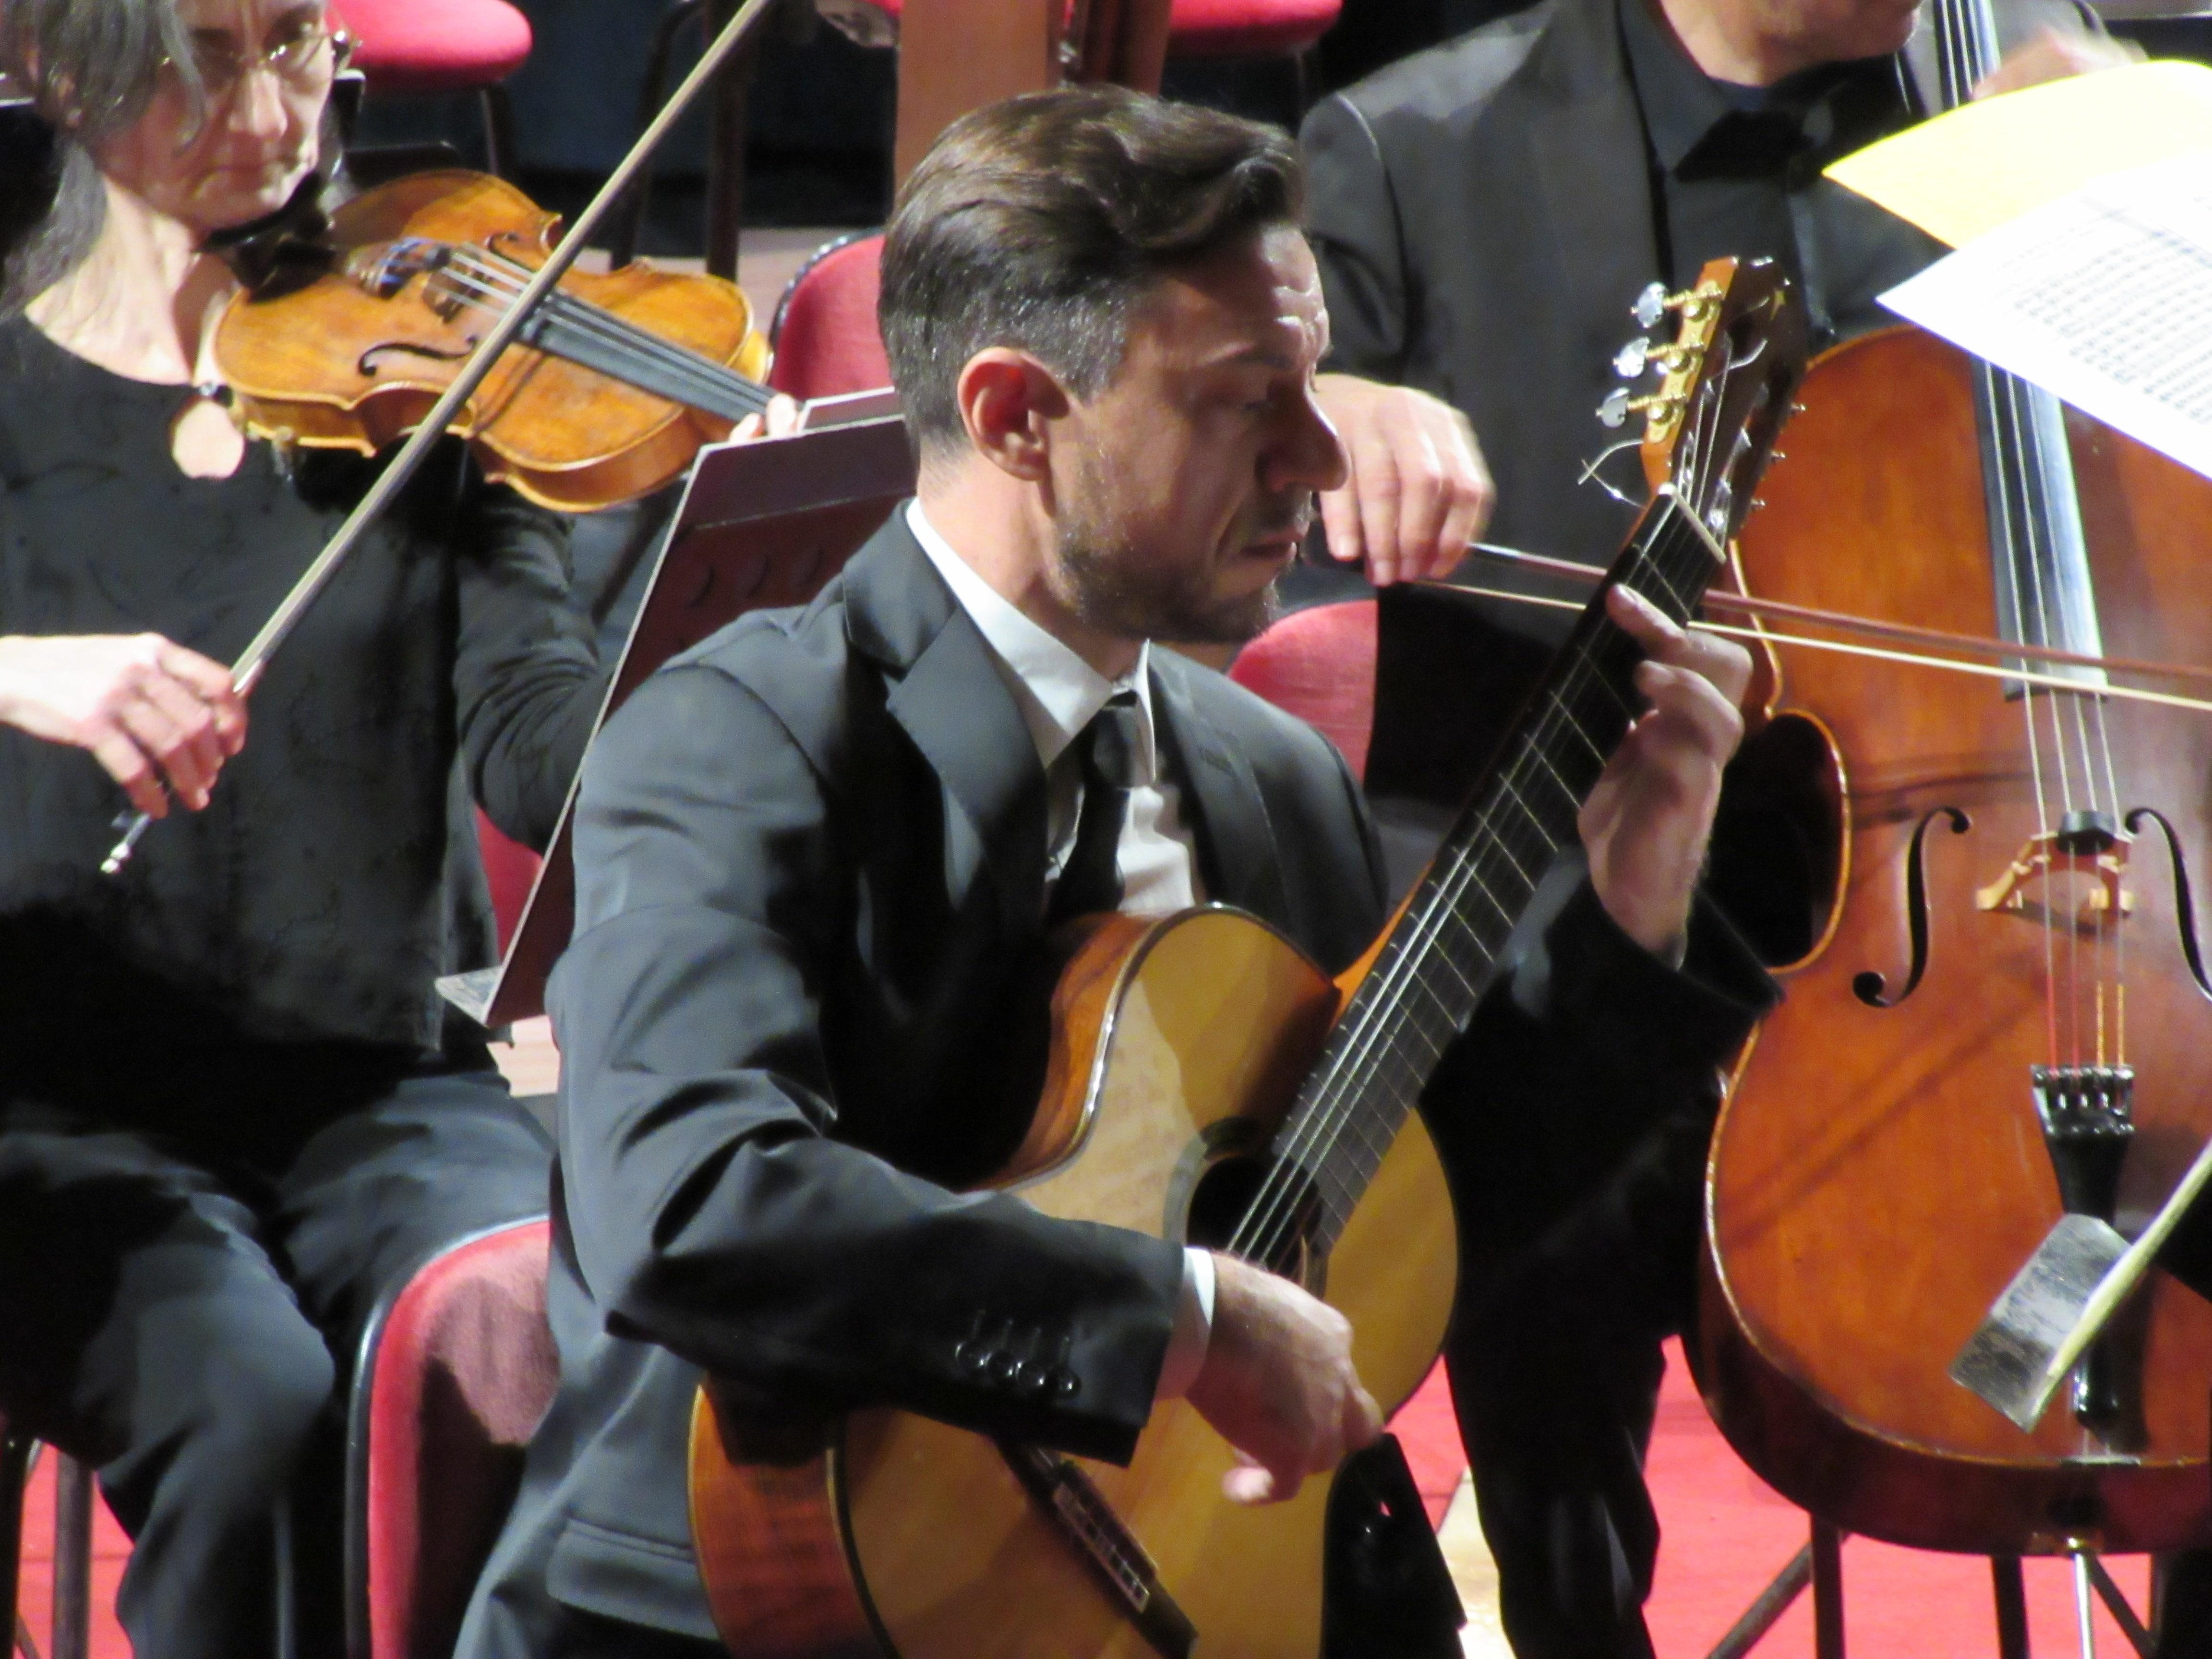 L'intervista esclusiva a Diego Campagna per il Festival Chitarristico Internazionale di Sanremo